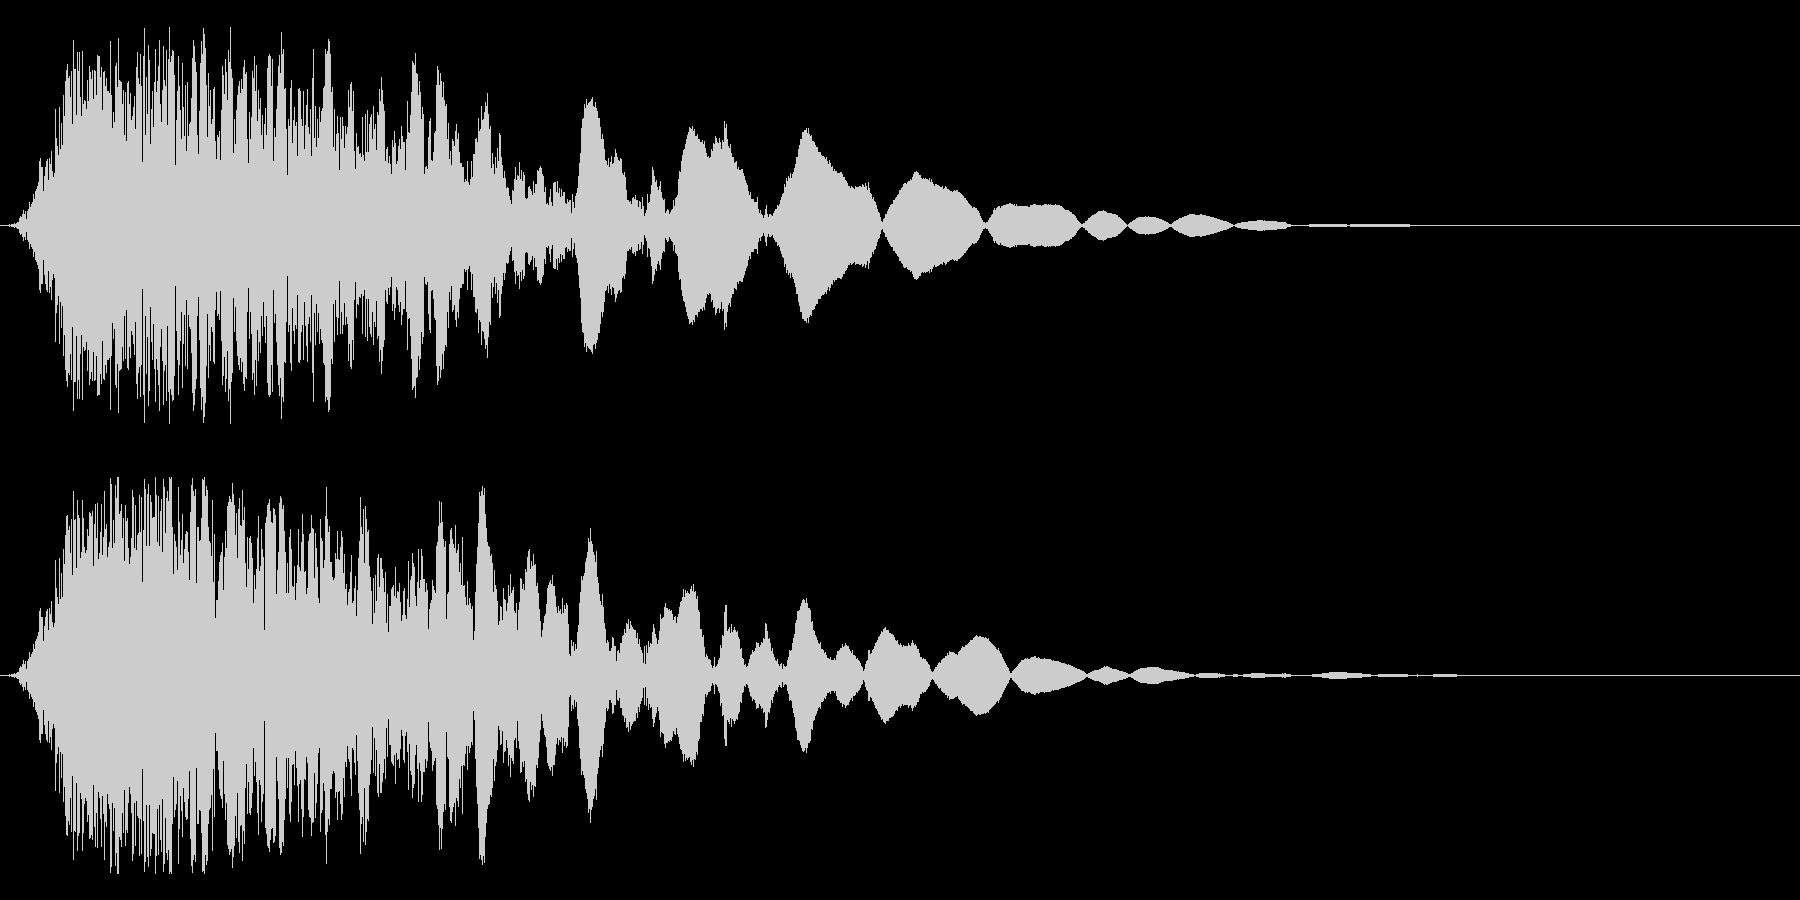 刀や剣 抜刀 斬撃の効果音 11の未再生の波形